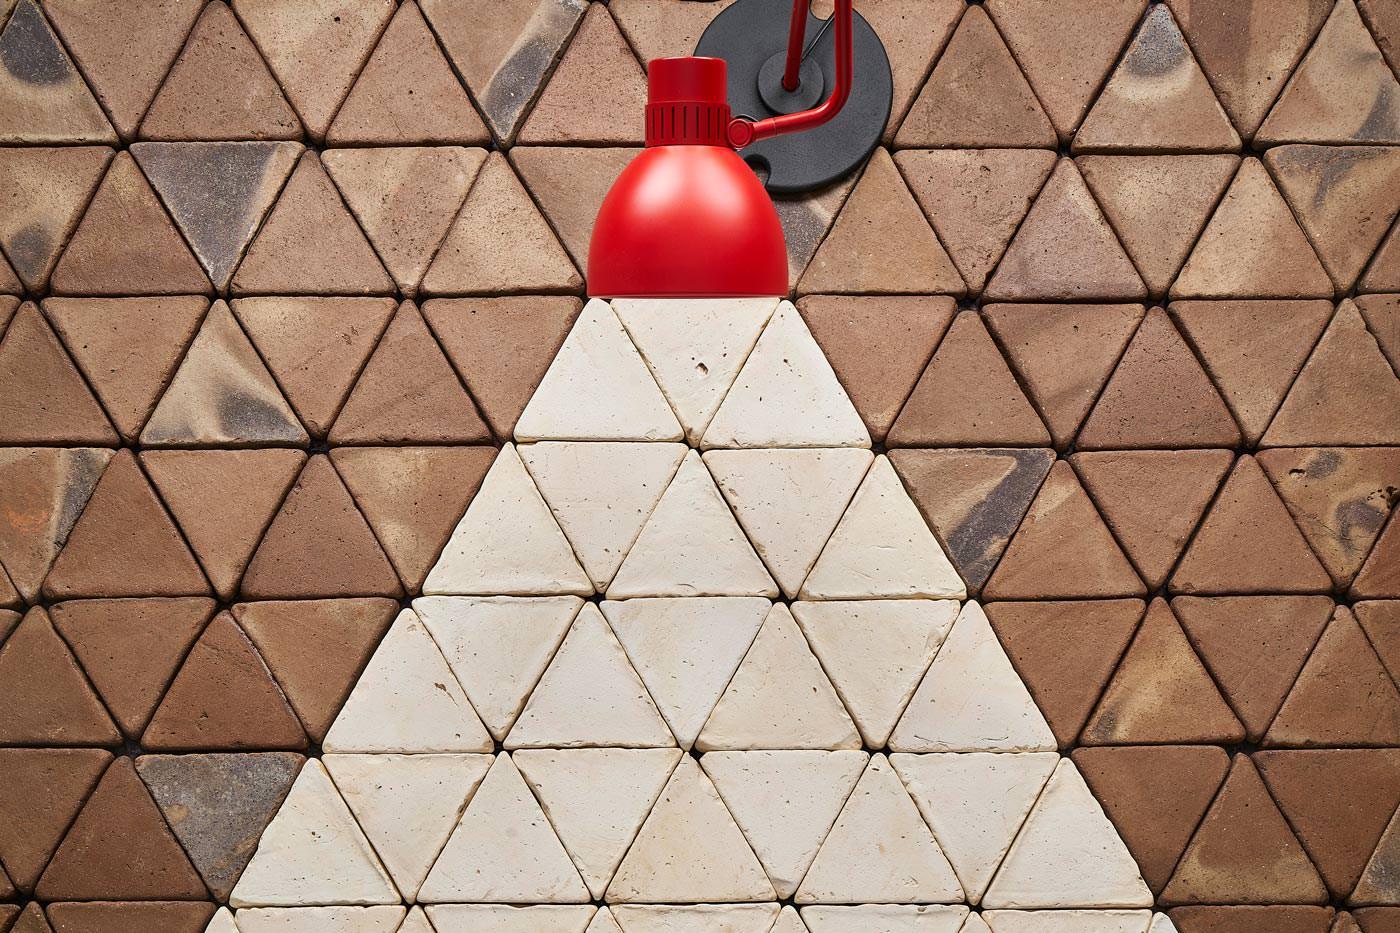 Composición geométrica de baldosas